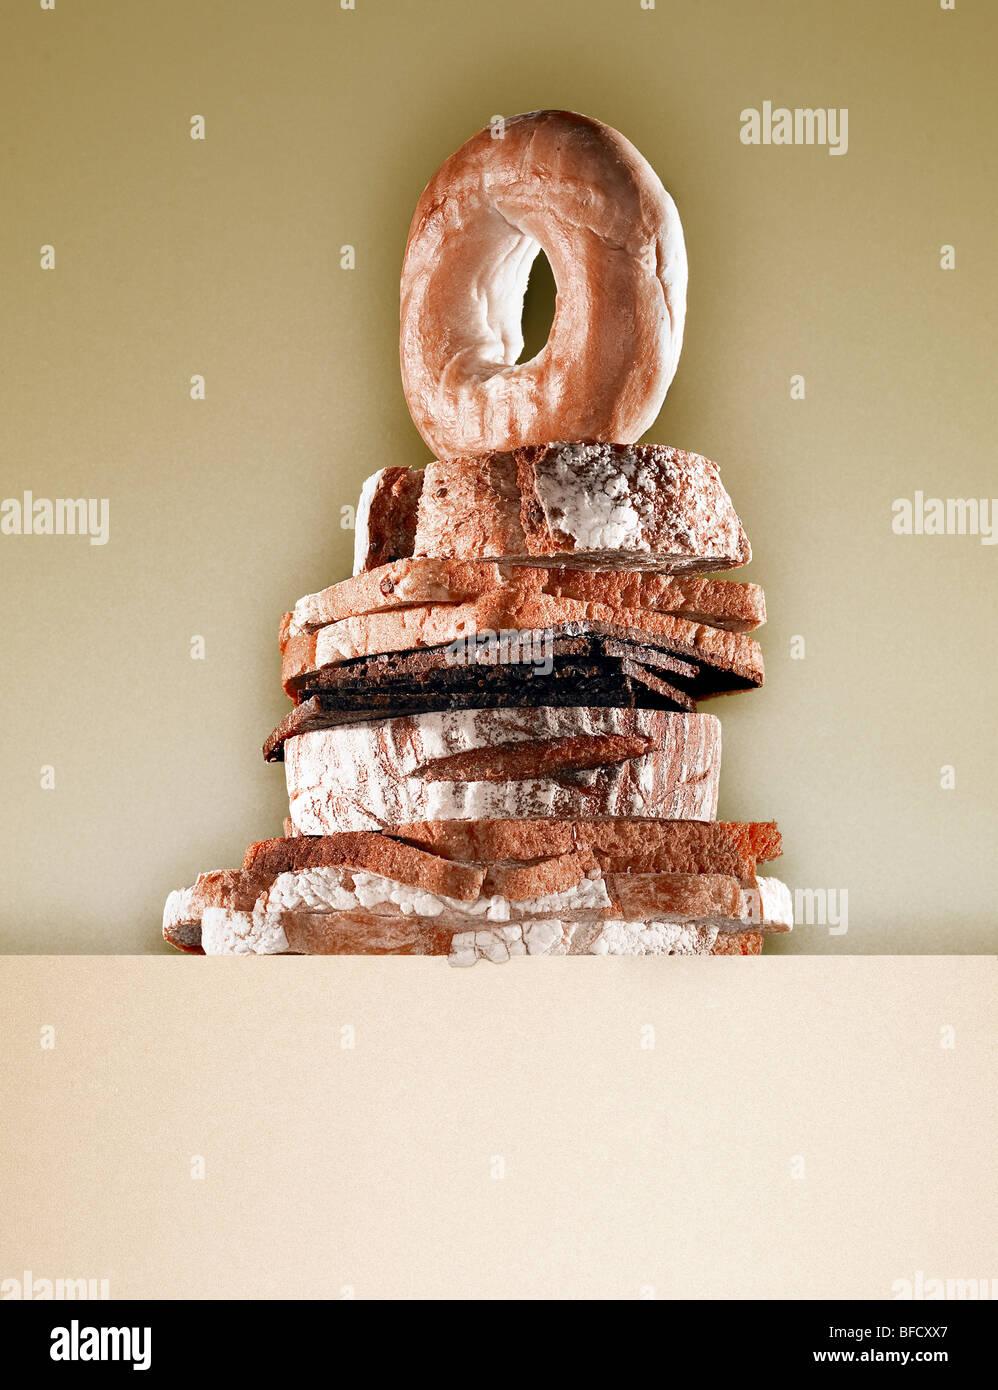 Panes, siete diferentes tipos de pan saludable utilizado para hacer sándwiches. Imagen De Stock